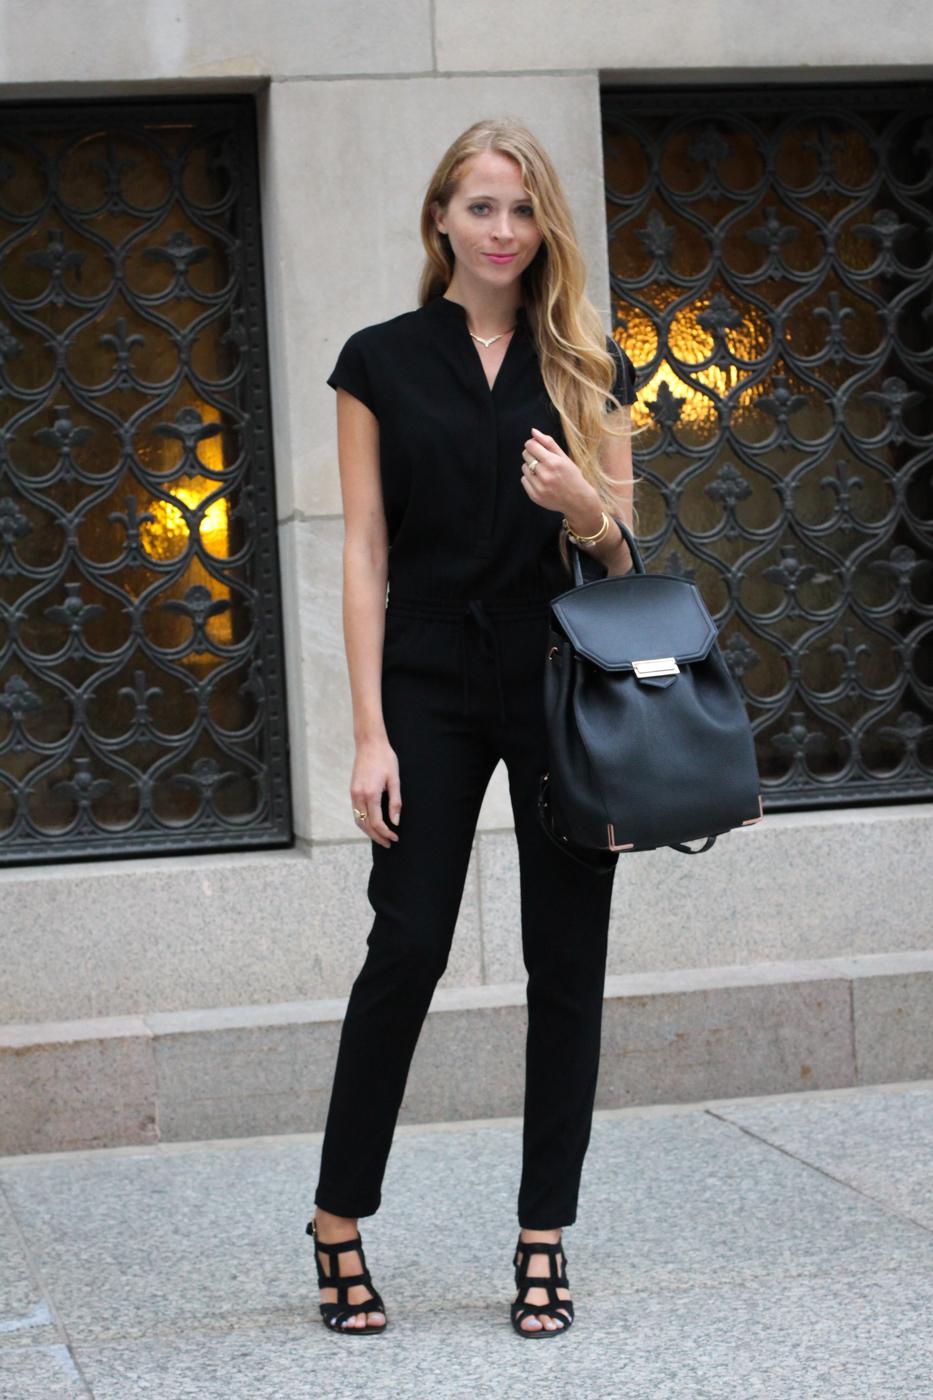 Work Wear Wednesday: Black jumpsuit